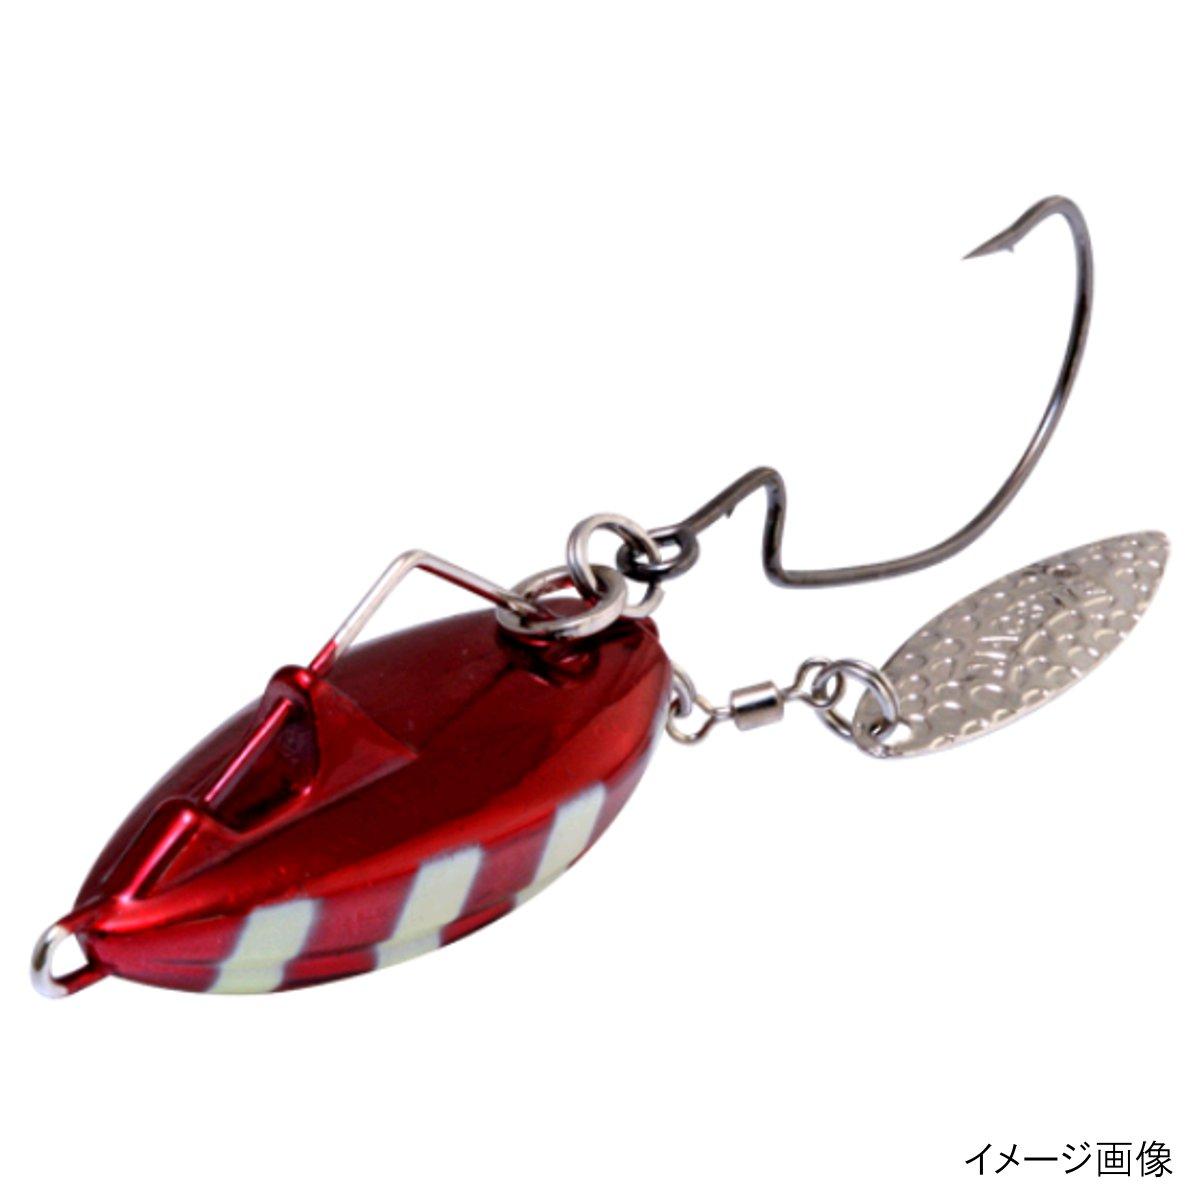 マグバイト バサロHD MBL05 80g 04ZR(ゼブラレッド)【ゆうパケット】